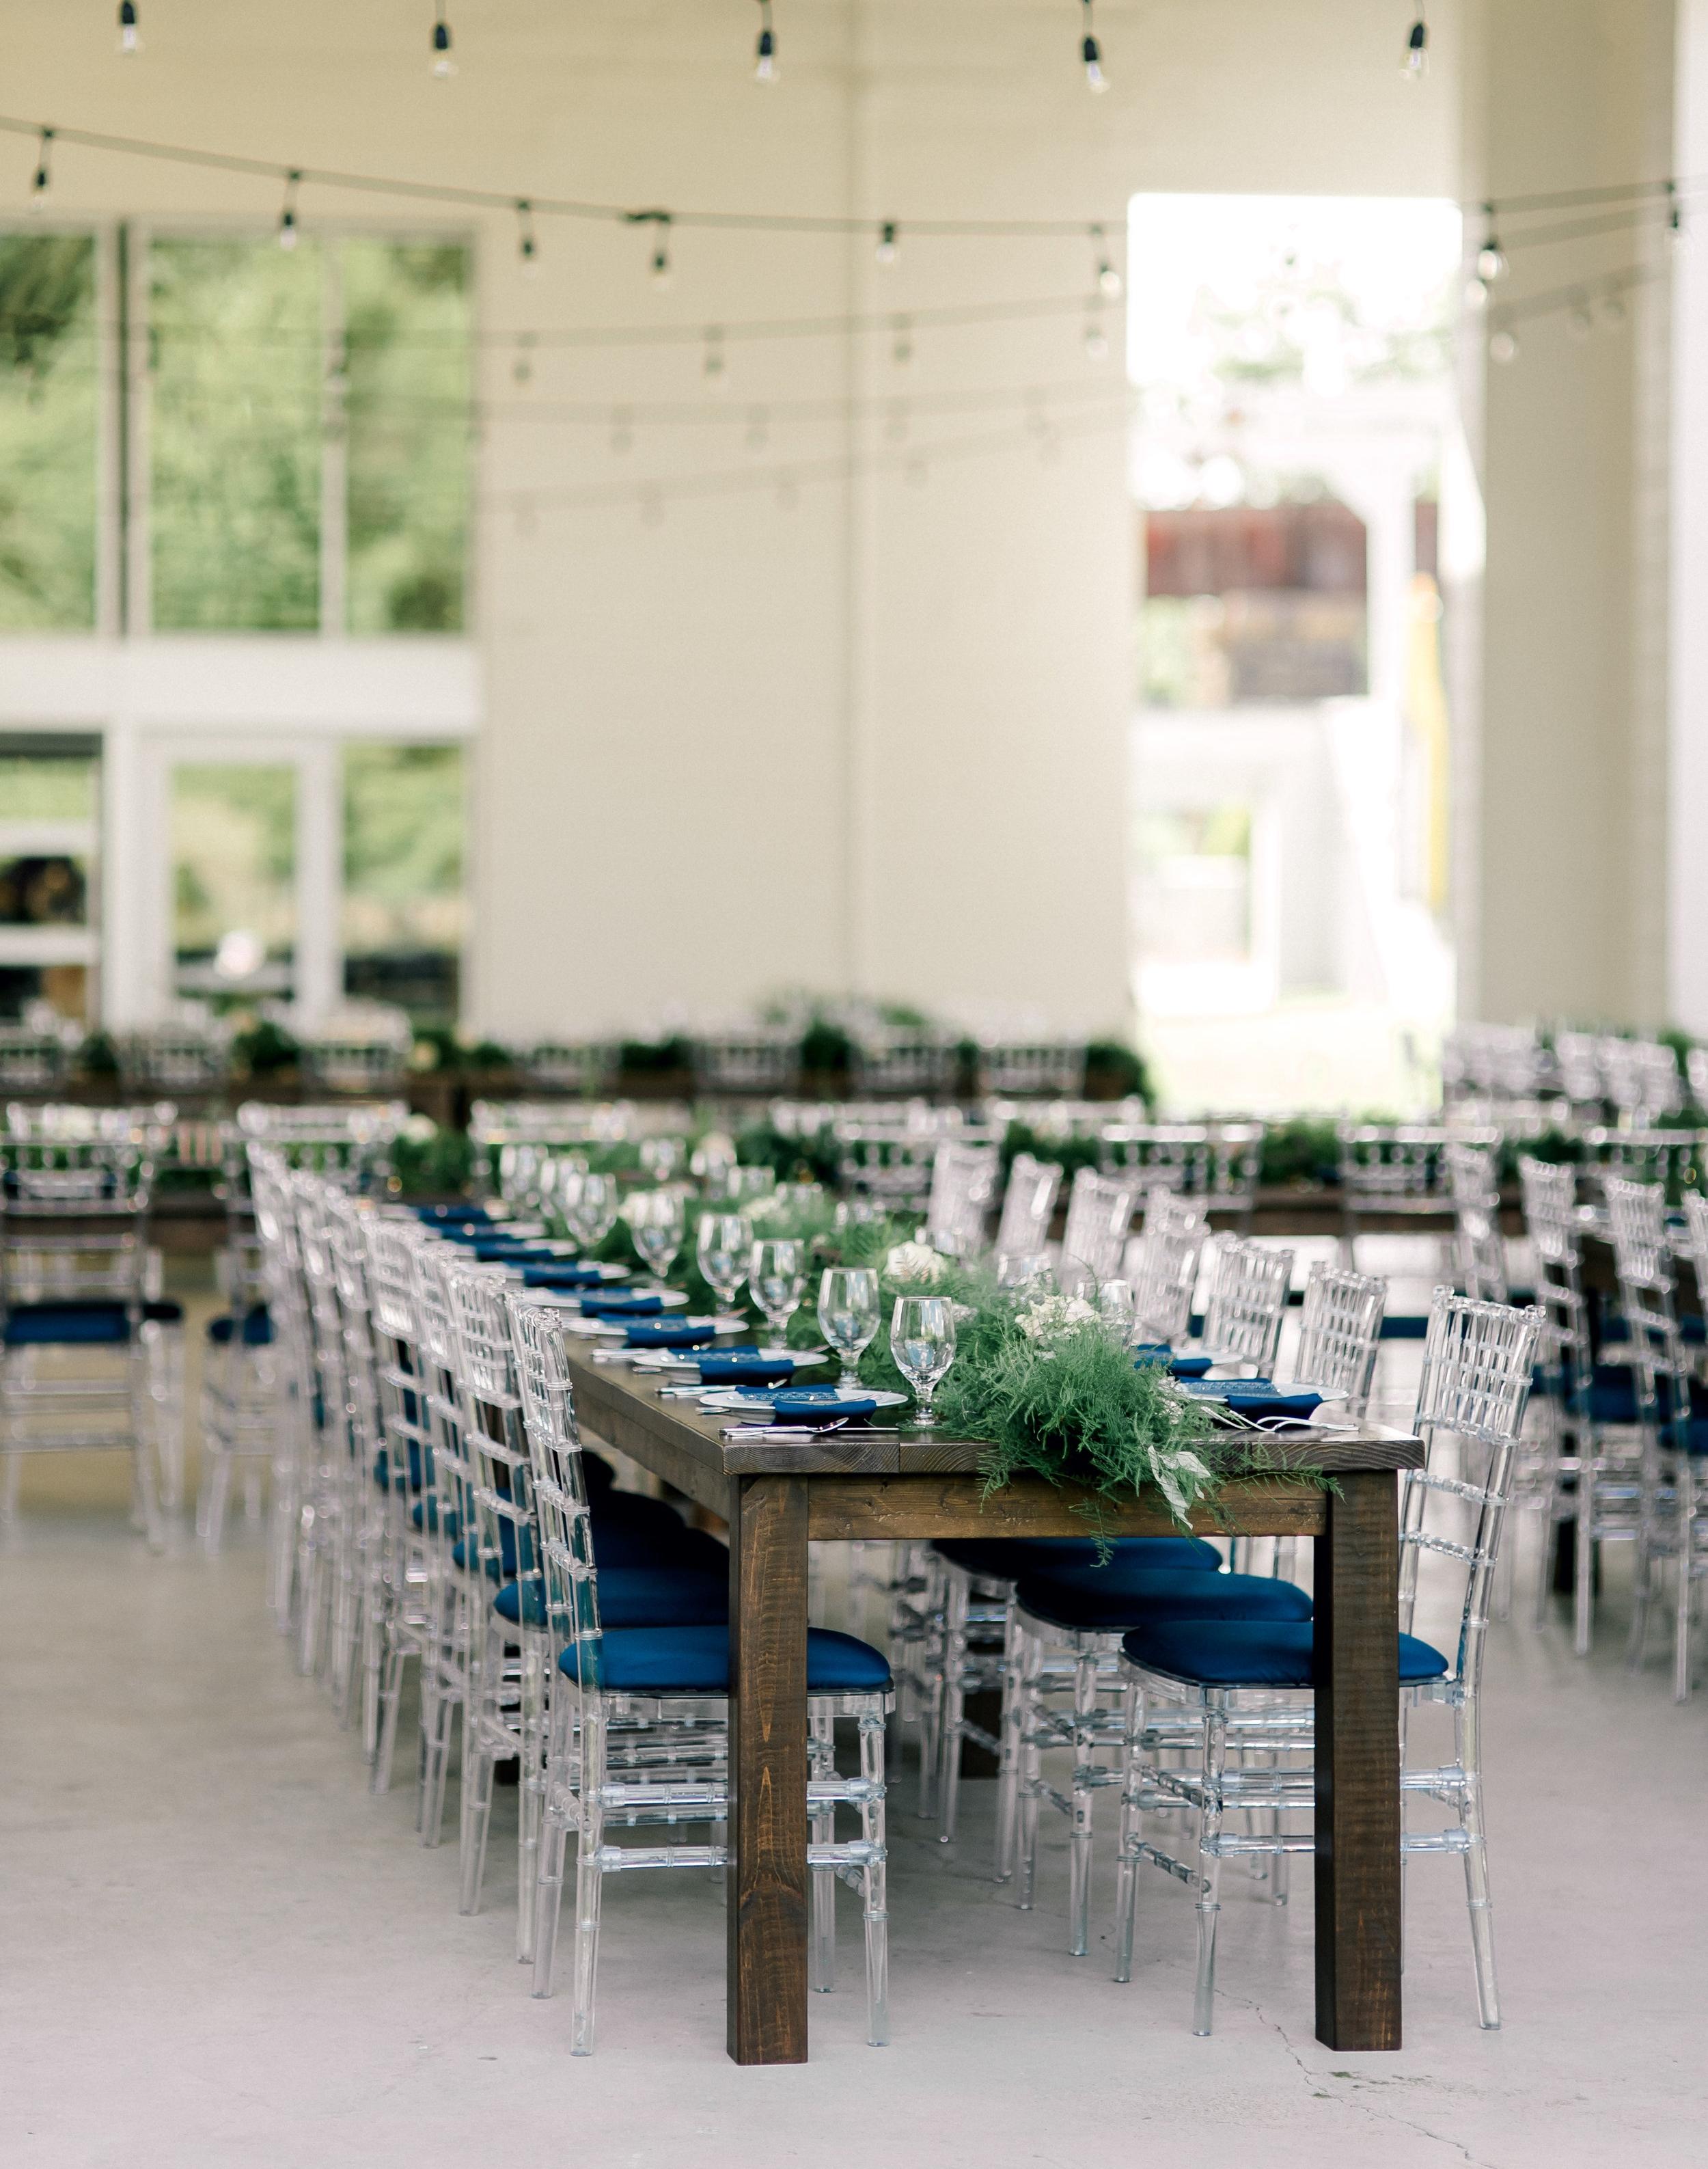 Riverfront Weddings - Aspinwall, PA